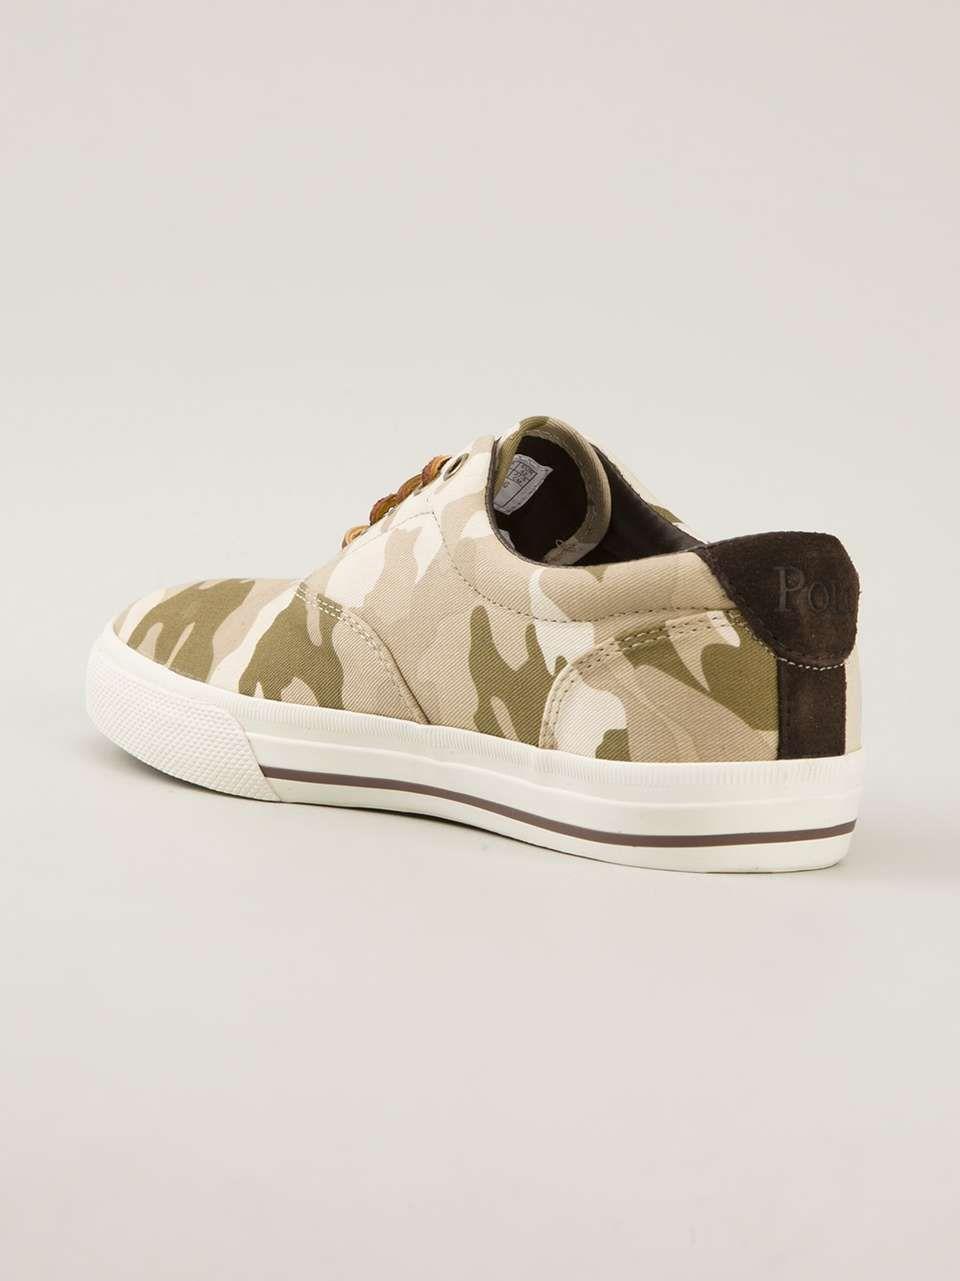 49d11dd560e42 POLO RALPH LAUREN 'Vaughn' camouflage sneaker   CAMO FOR MEN   Polo ...